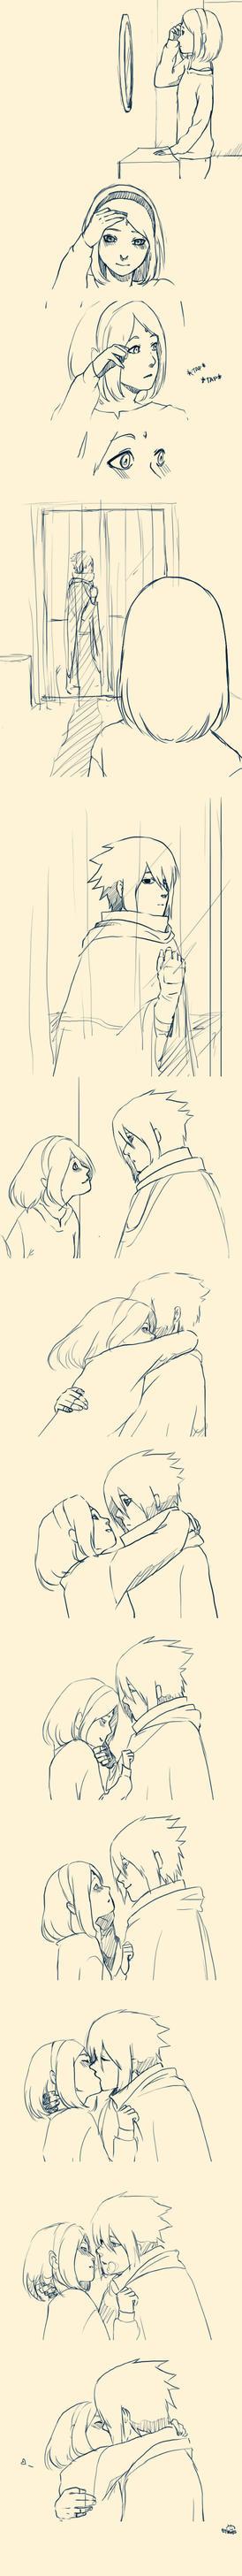 I MissedYou by doodleslave